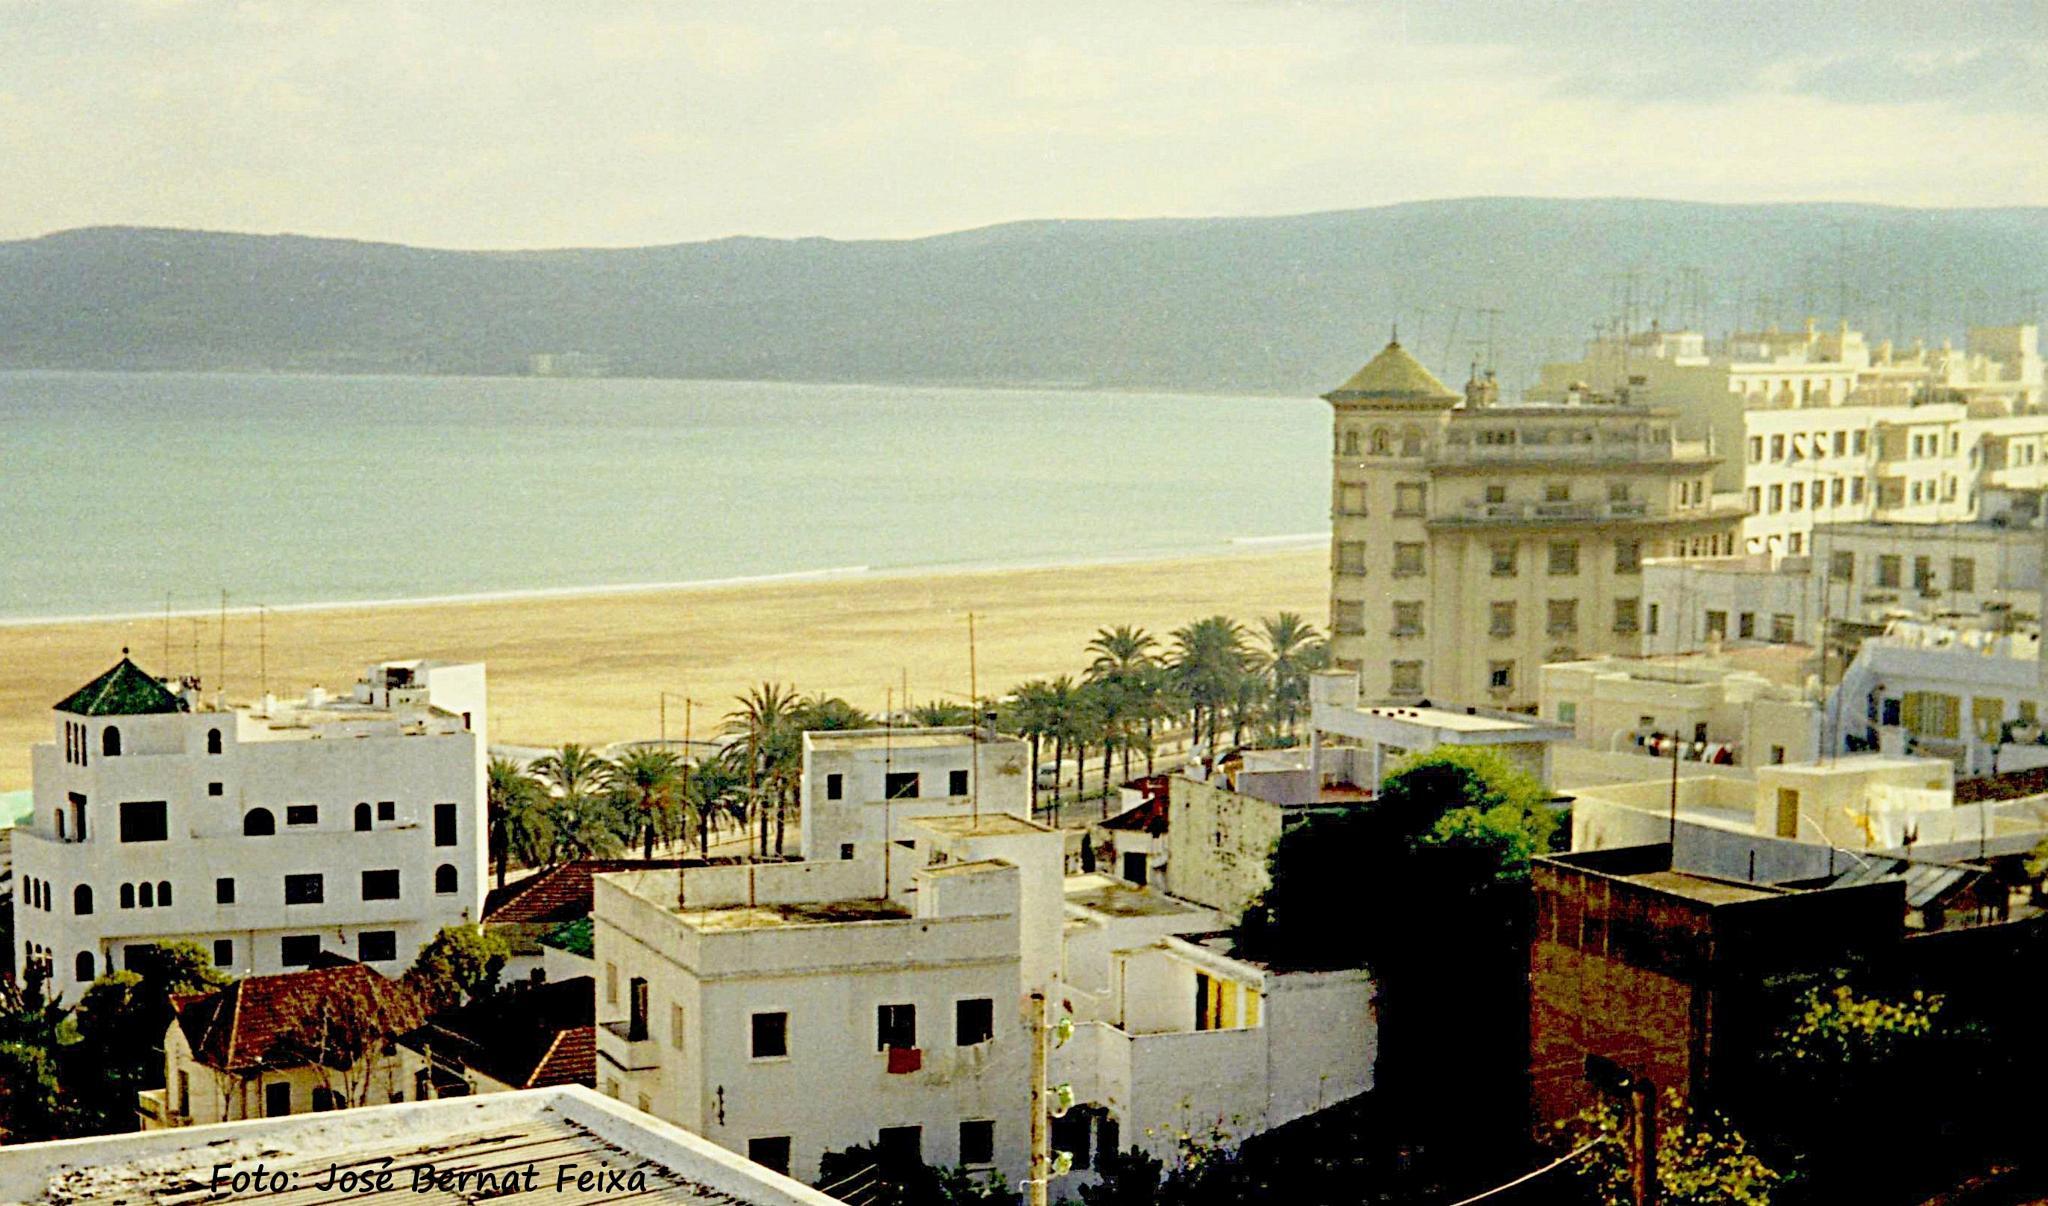 VISTA, LANDSCHAP, LANDSCAPE, Tanger (1971) by José Bernat Feixa